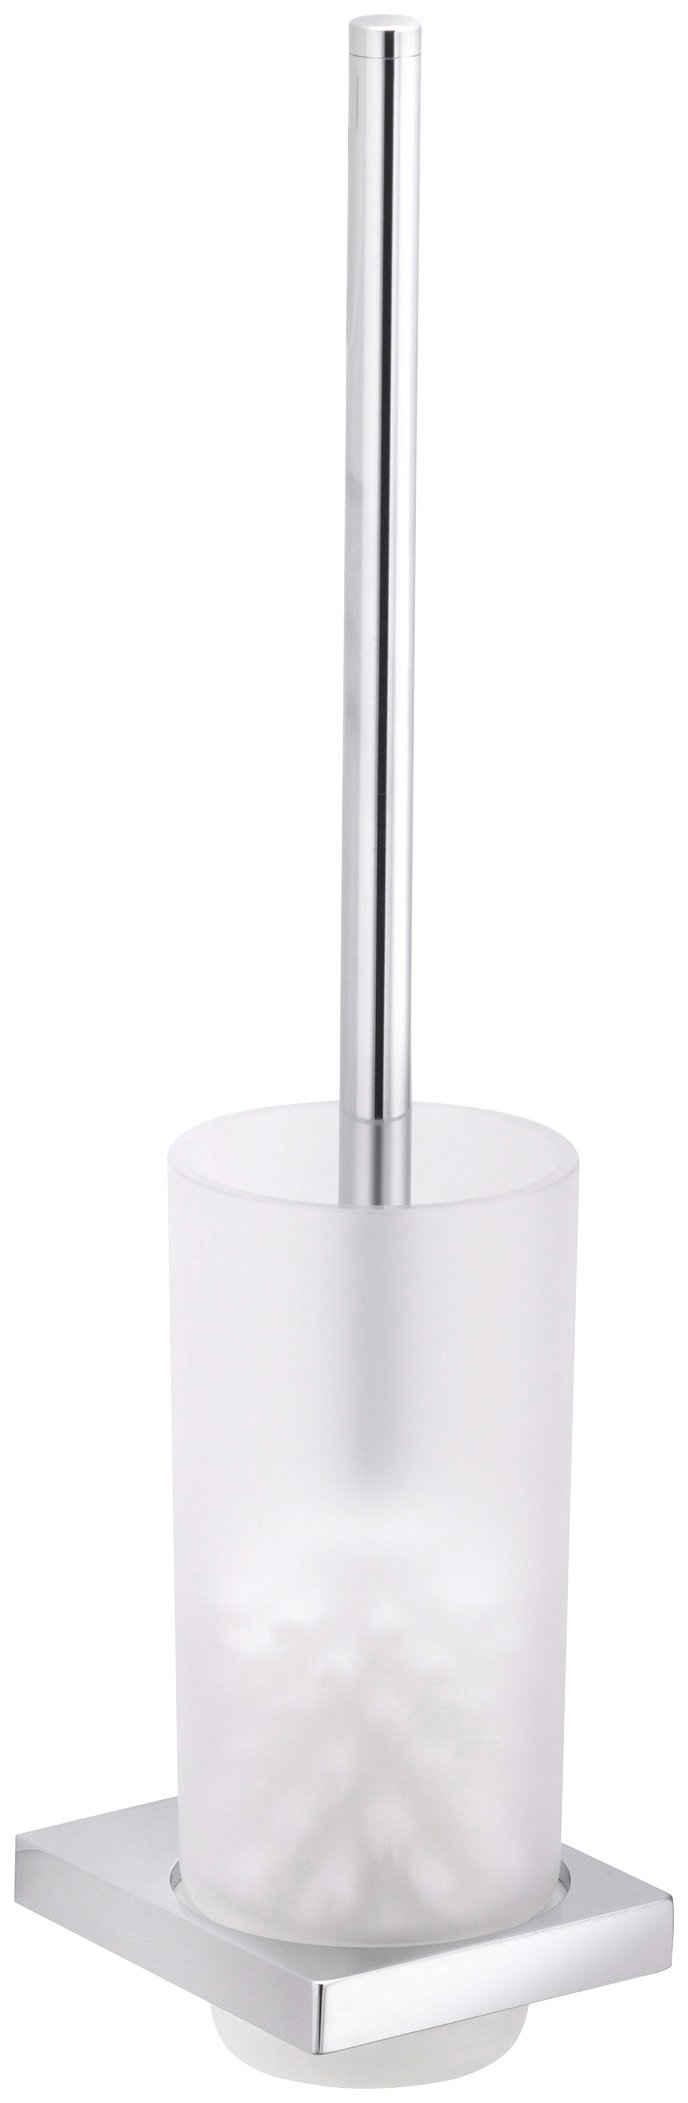 WC-Garnitur »Edition 11«, Keuco, Echtkristall-Glas mattiert, verchromt